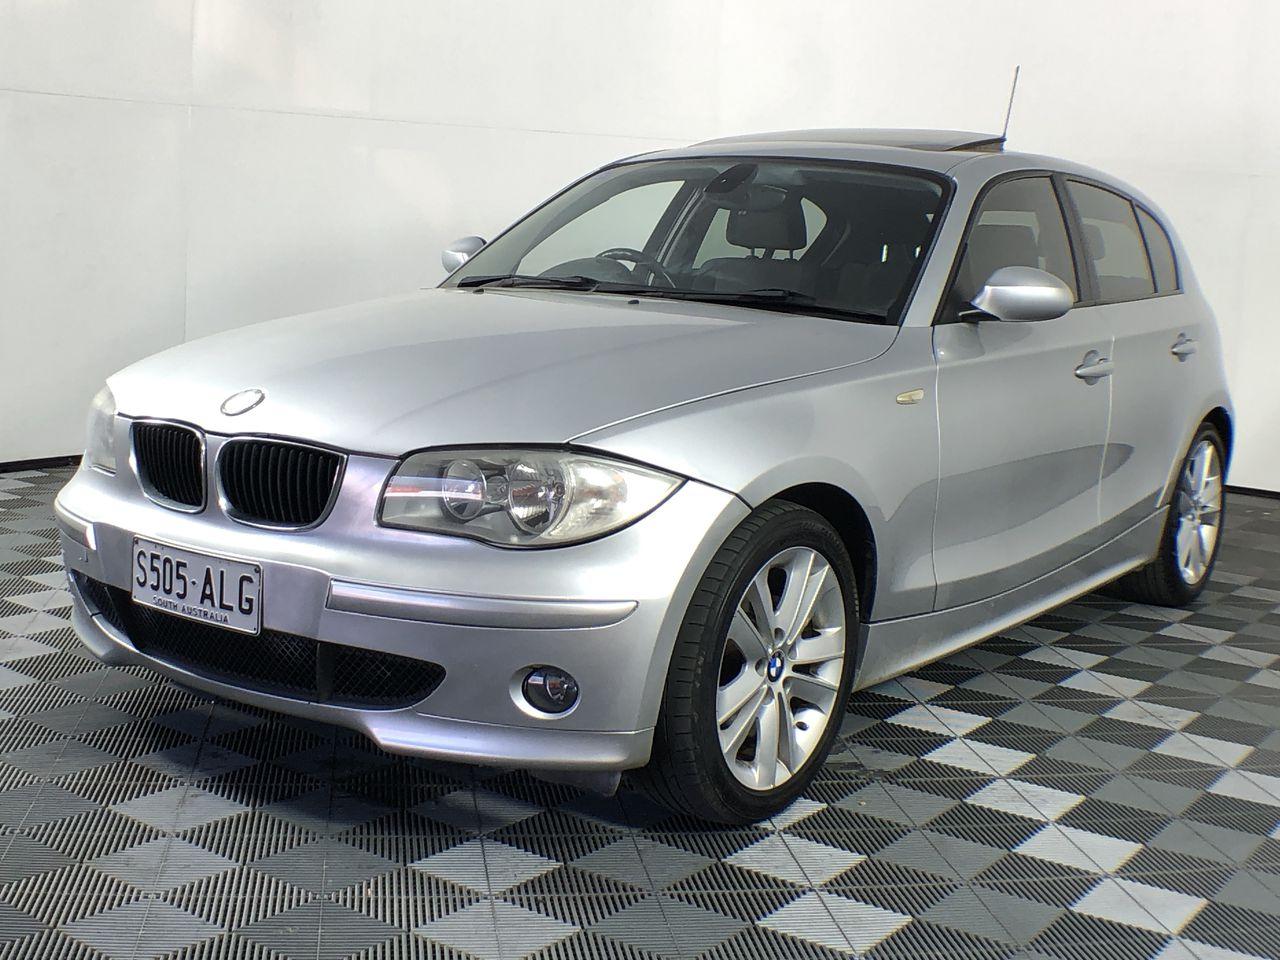 2005 BMW 1 20i E87 Manual Hatchback